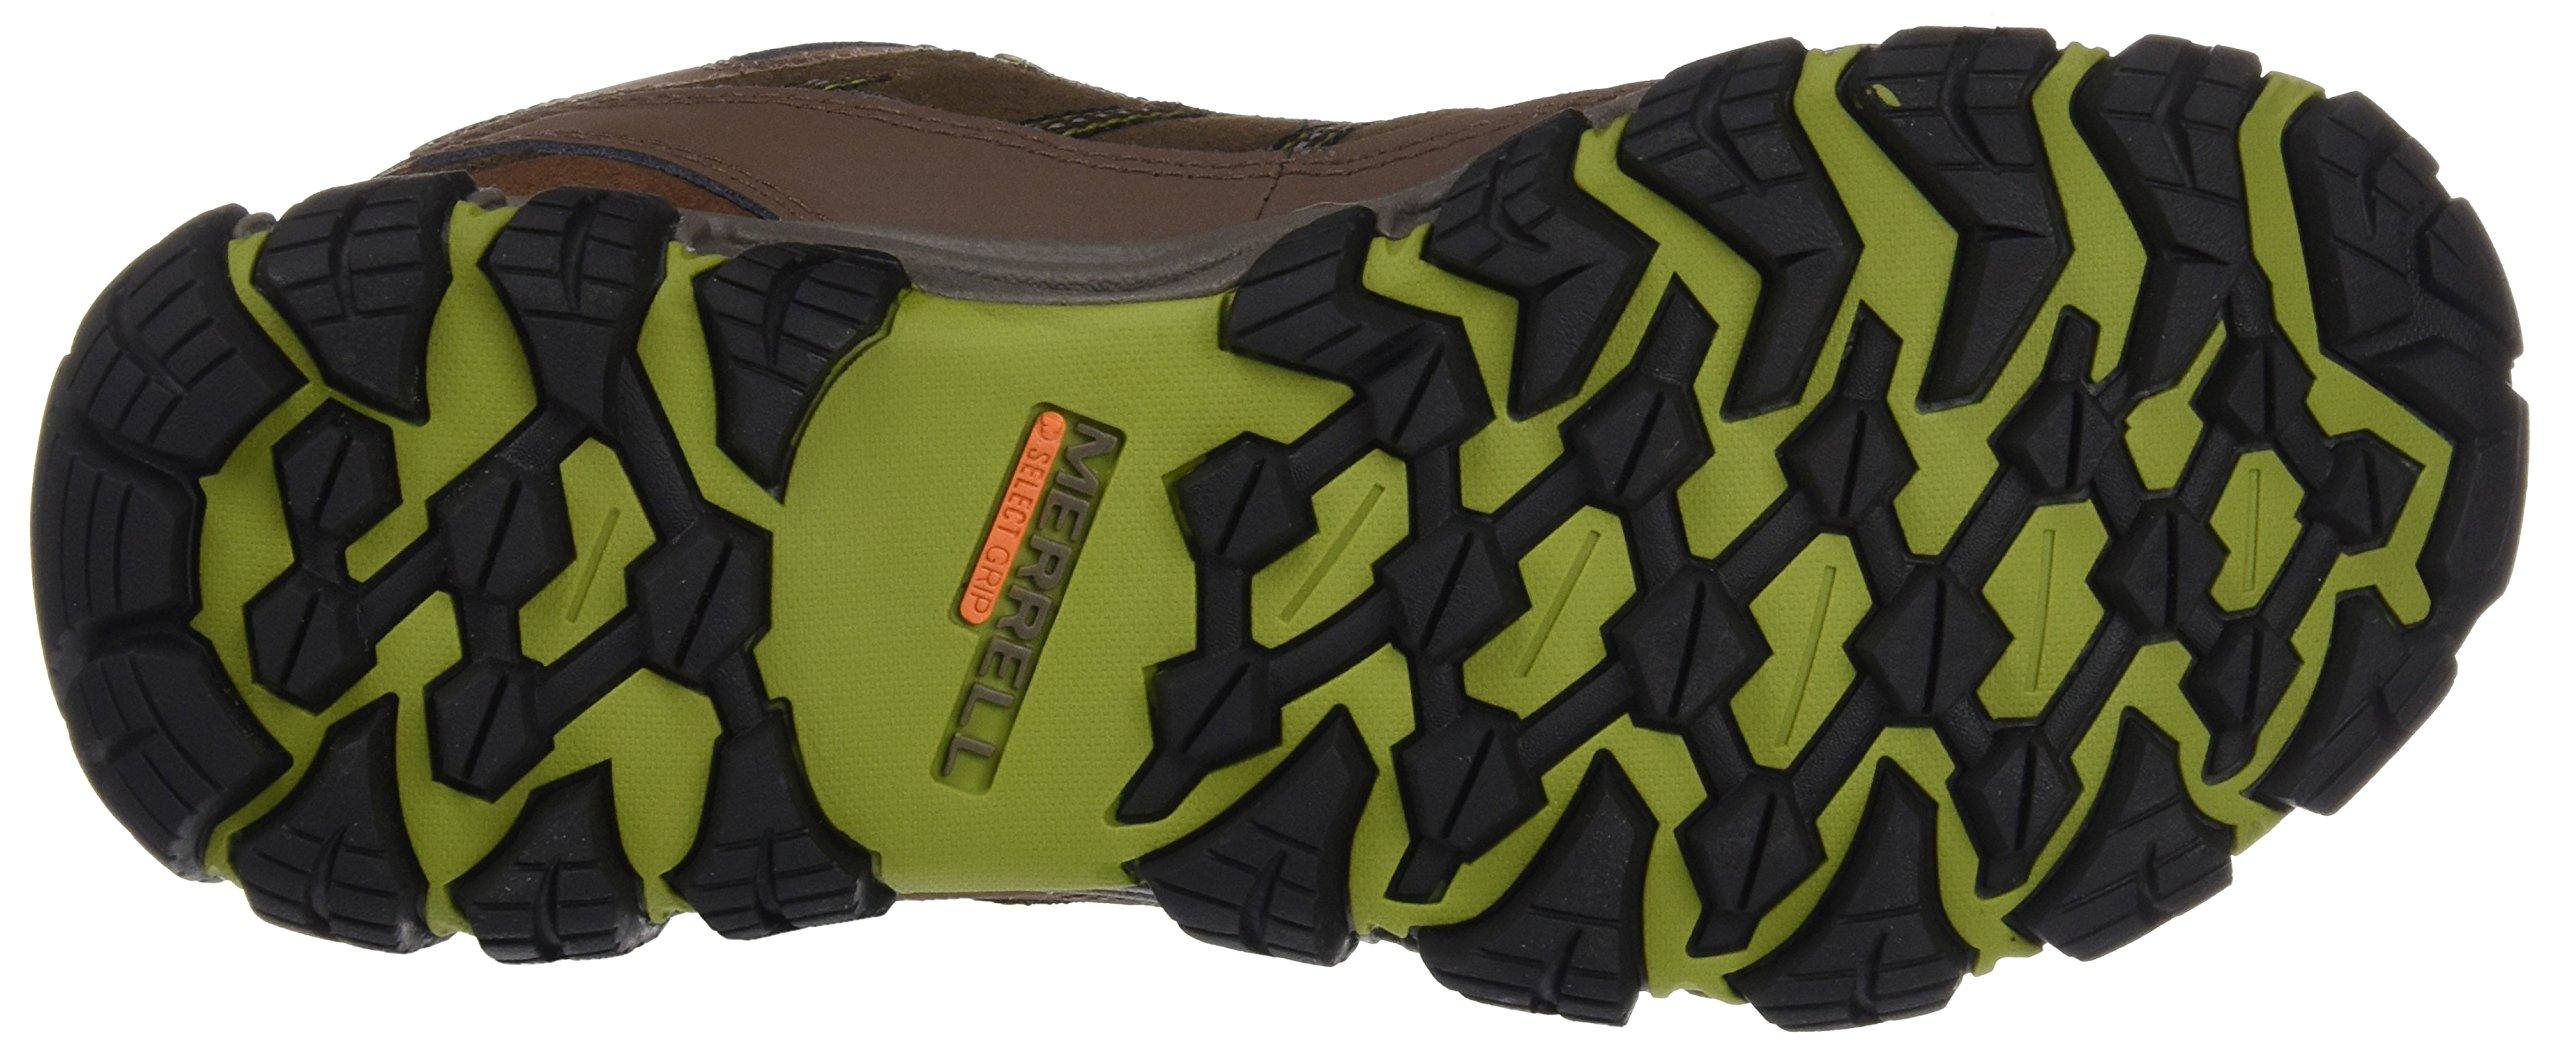 81m5tq8Jl6L - Merrell Men's Terramorph Mid Waterproof High Rise Hiking Boots